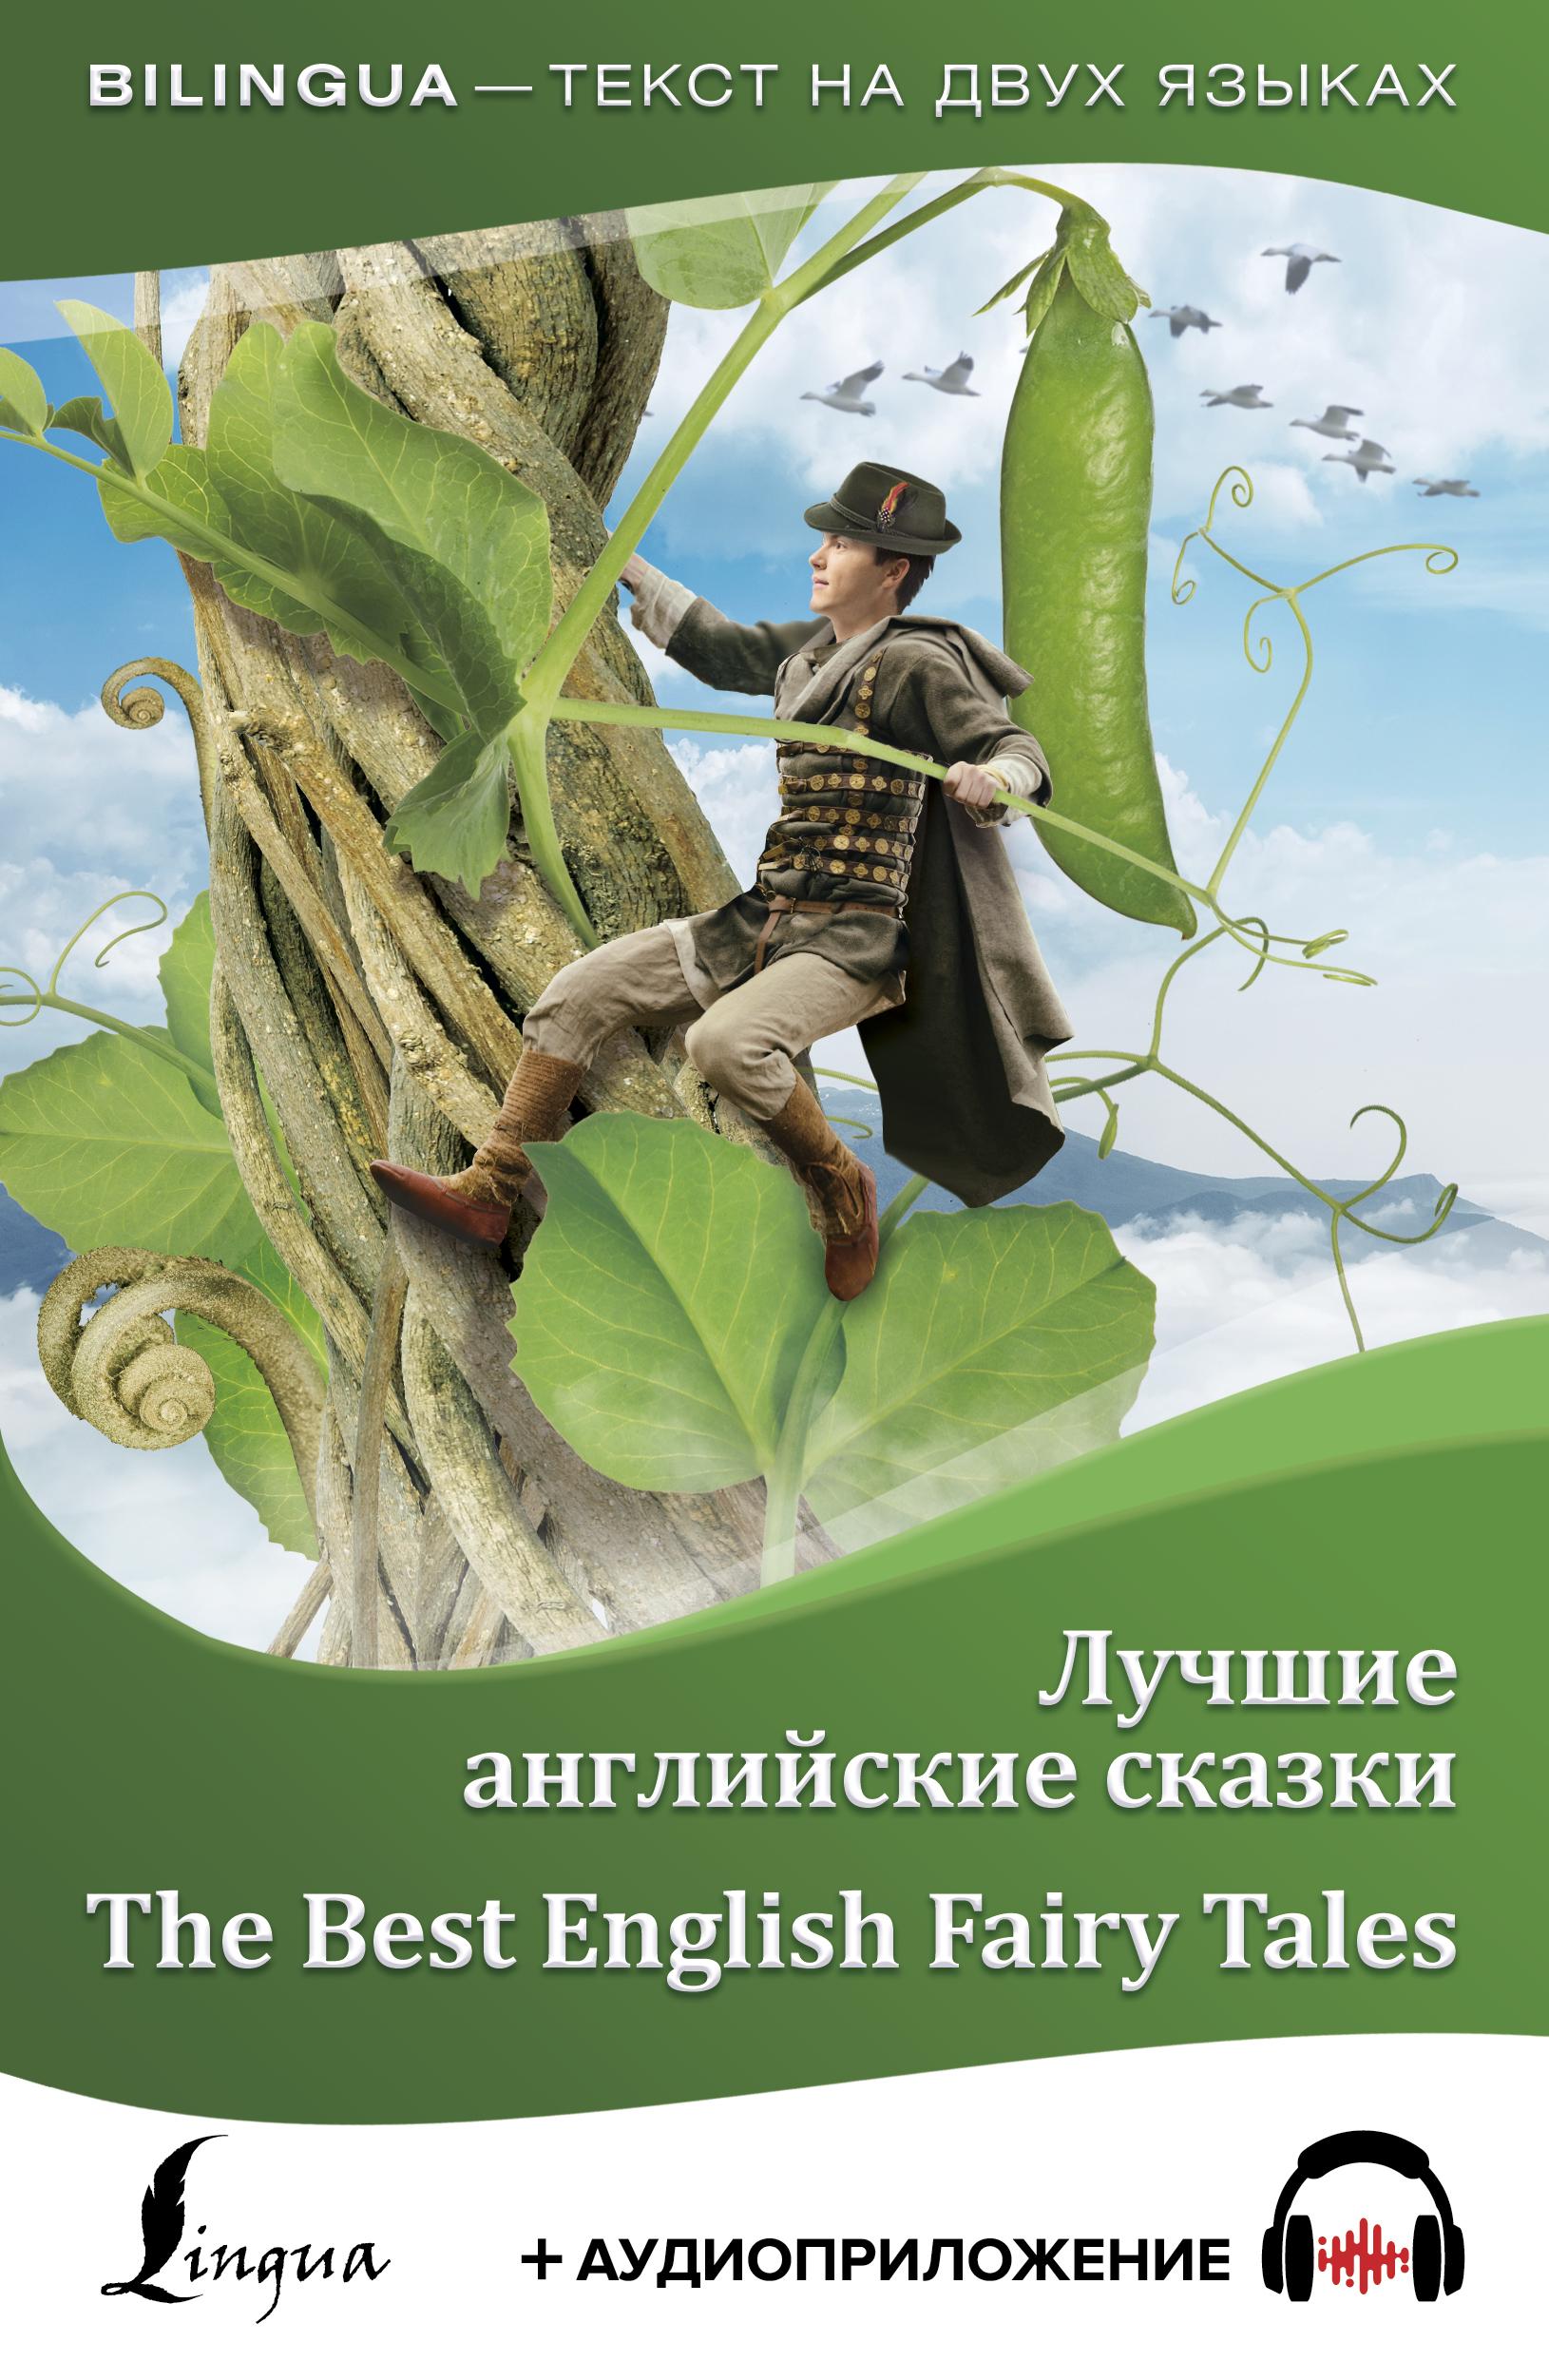 Отсутствует Лучшие английские сказки / The Best English Fairy Tales (+ аудиоприложение LECTA) матвеев с самые лучшие английские сказки the best english tales уровень 2